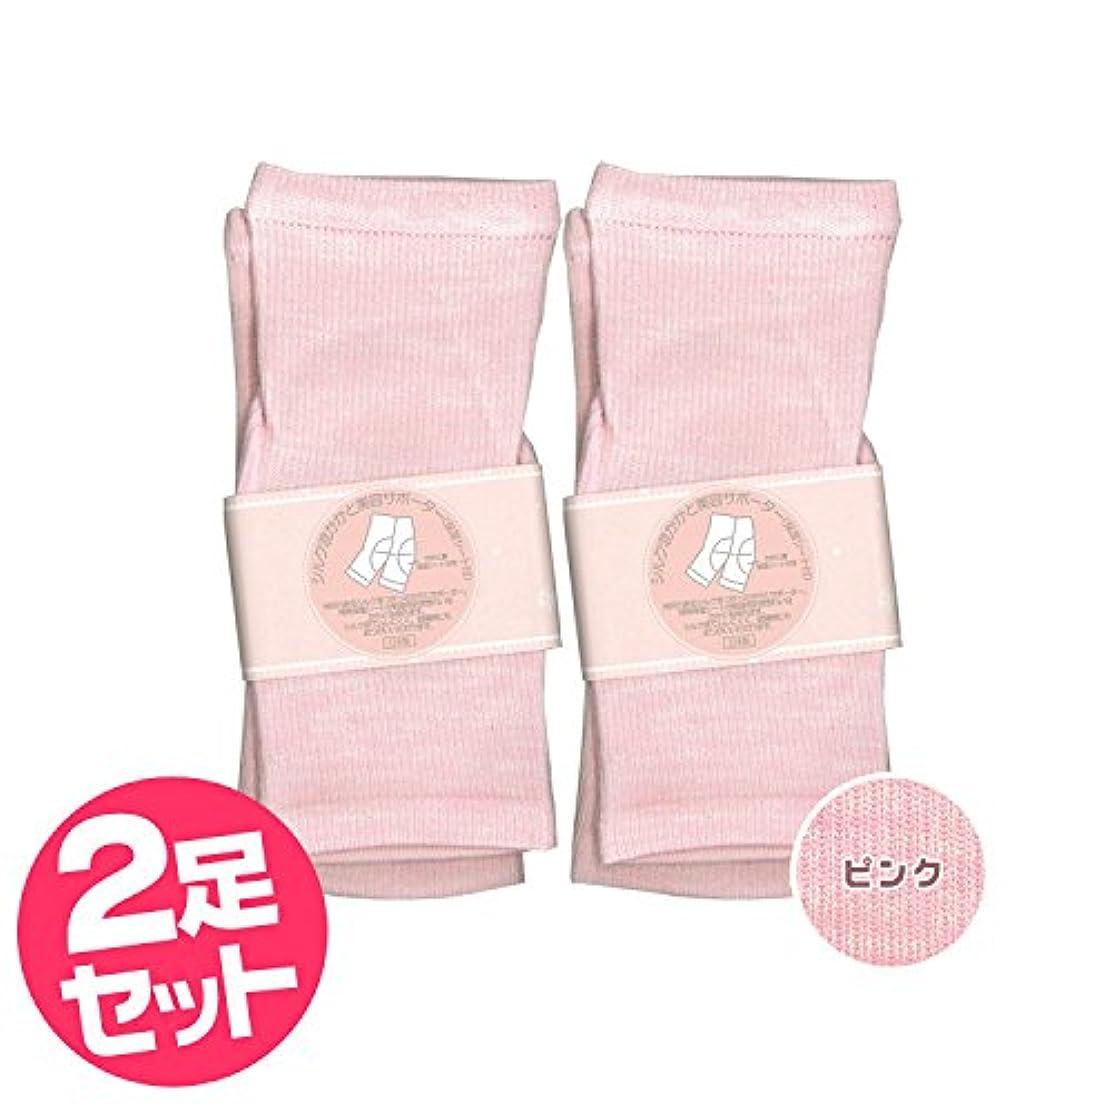 スイ期限辞任シルク混 かかと美容サポーター[保湿シート付]◆2足セット◆0649 (ピンク)